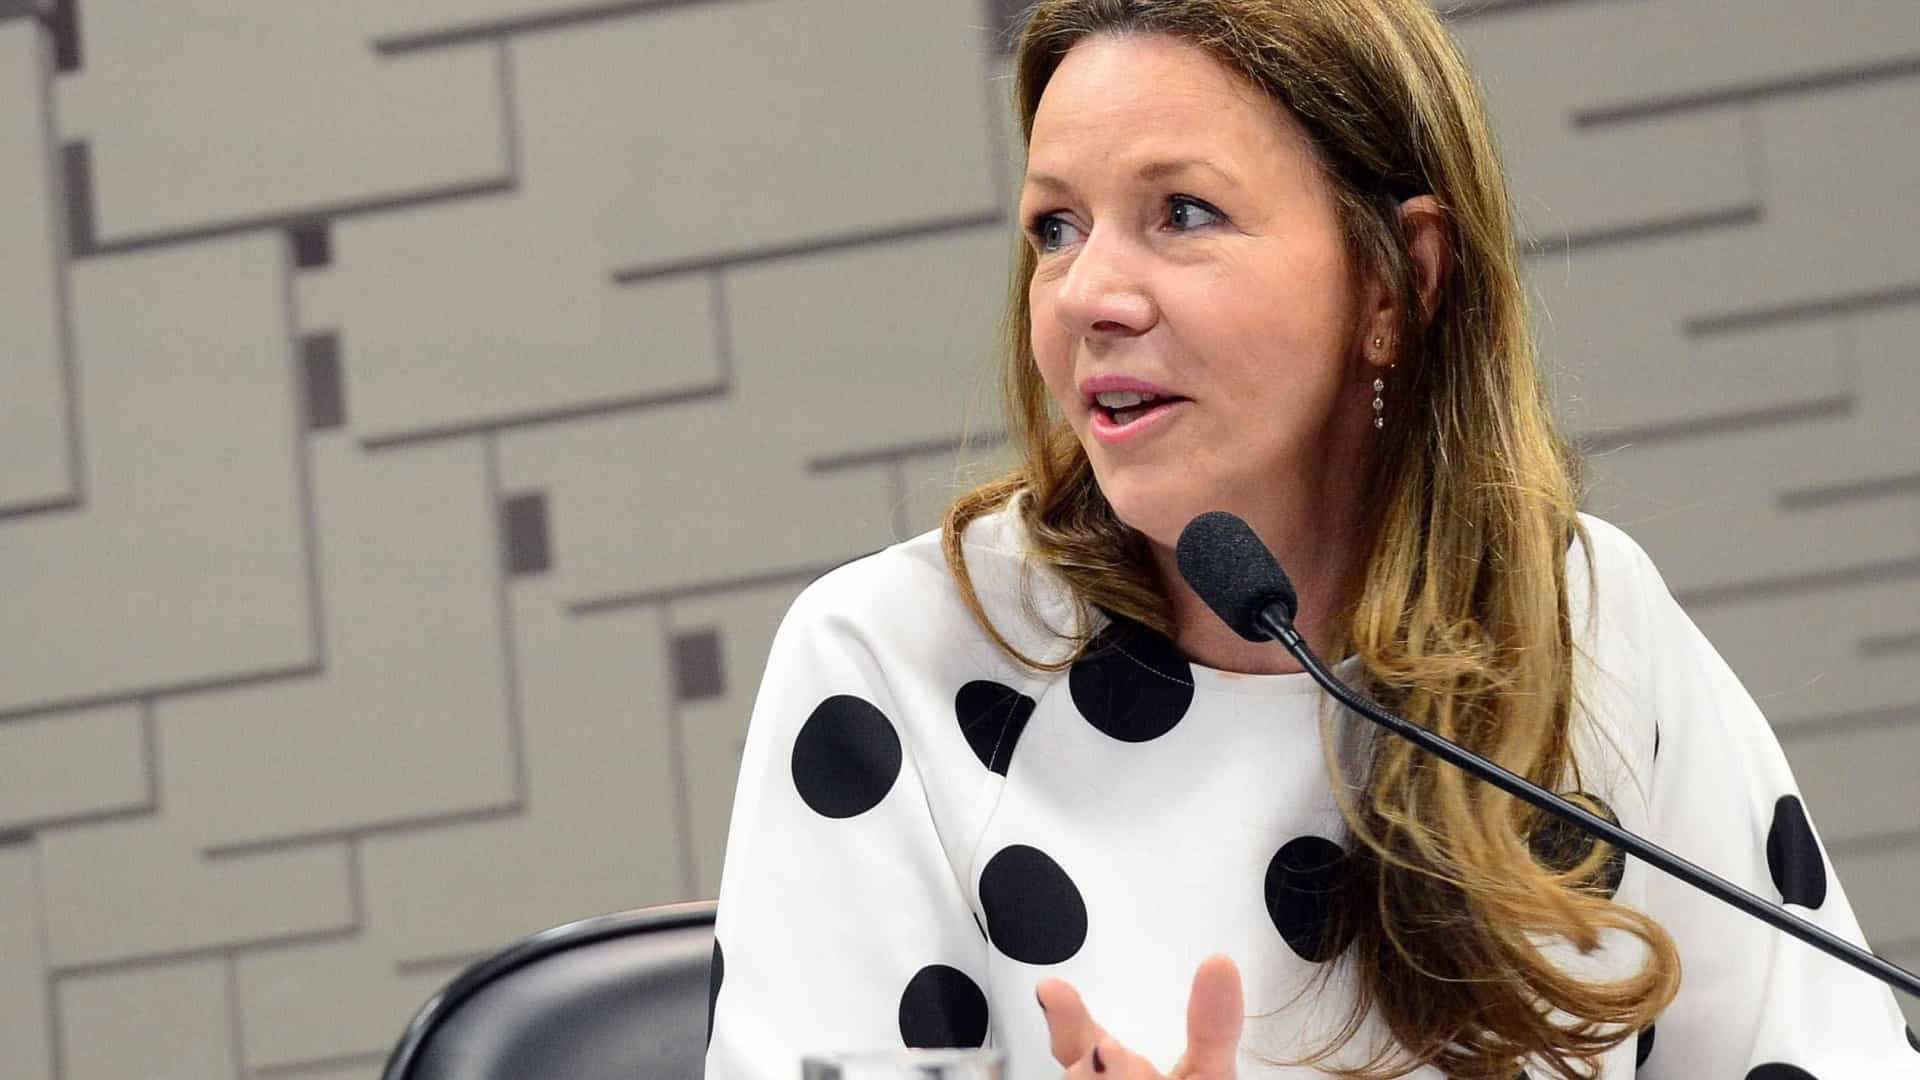 Juiz manda homem pagar R$ 15 mil em indenização por agredir ex-senadora